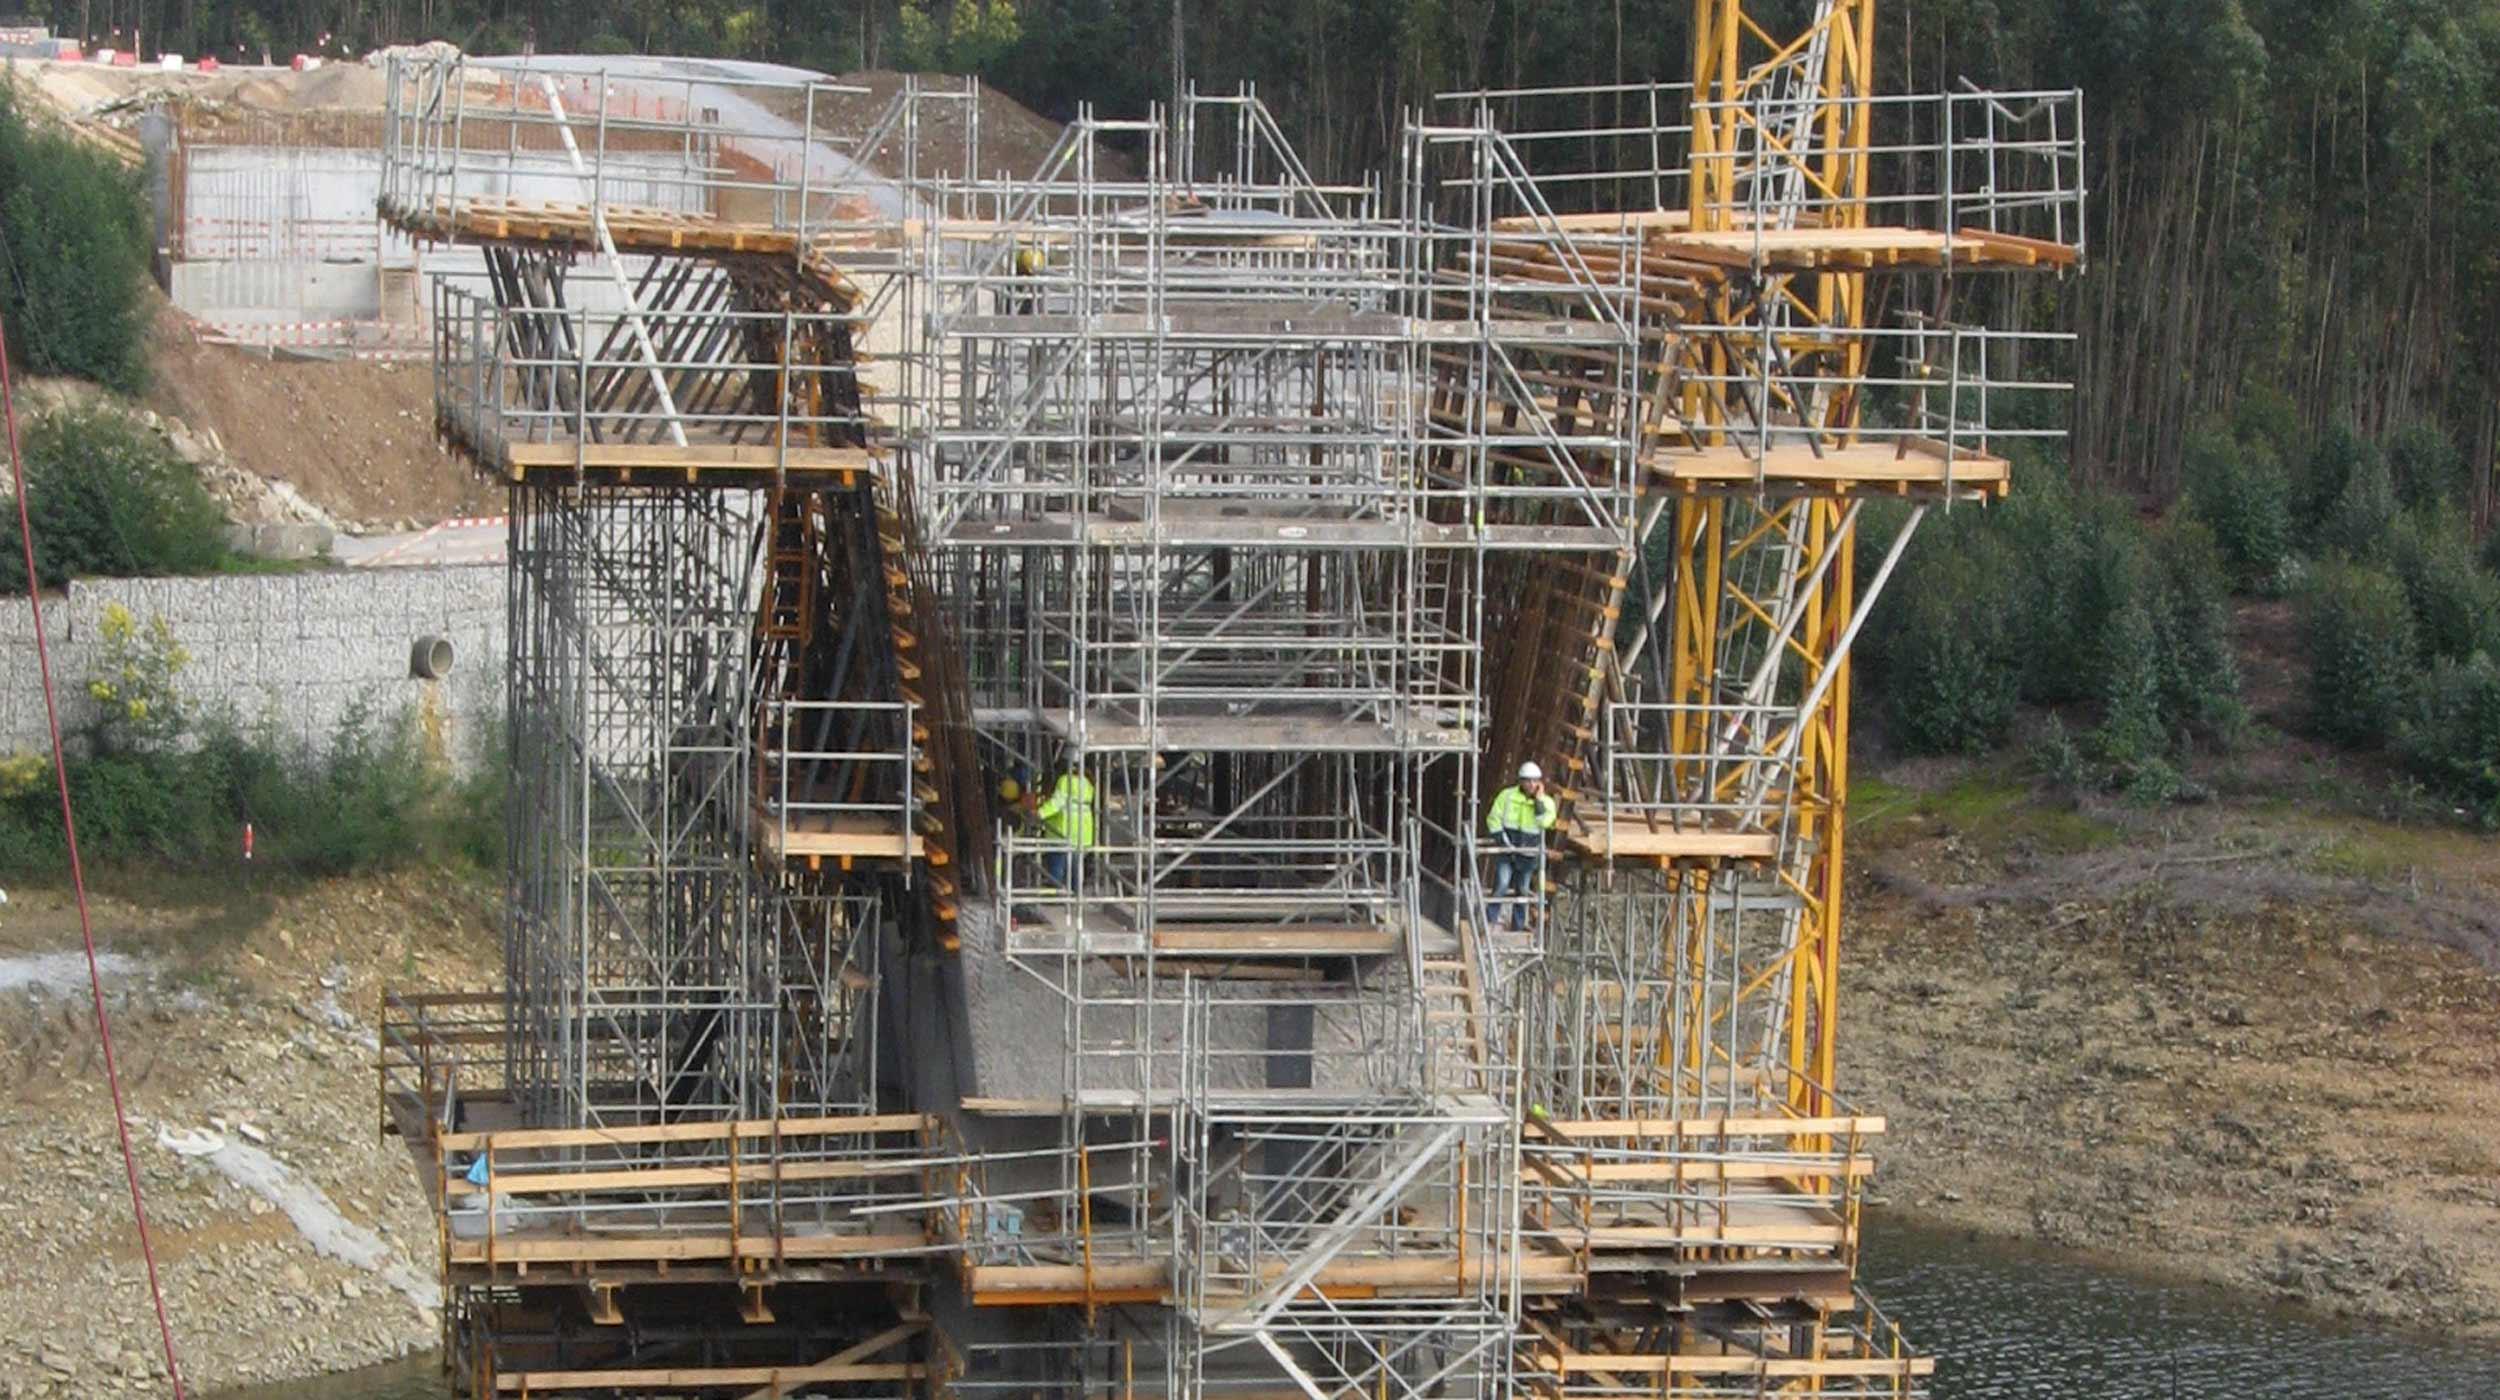 Tem uma extensão de 390 metros, com dois pilares e três vãos de comprimento variável, possuindo o vão central 170 metros e os vãos extremos 120 metros e 100 metros.